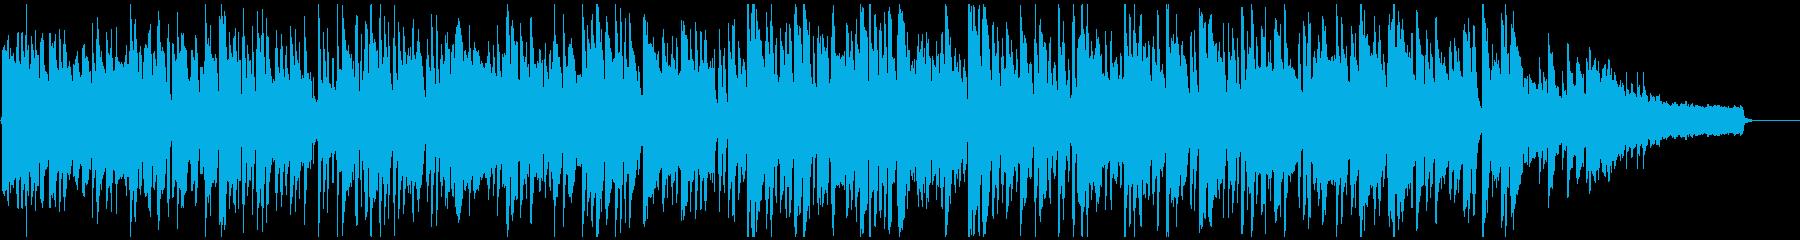 爽やかなリコーダーの日常系劇伴、ボサノバの再生済みの波形